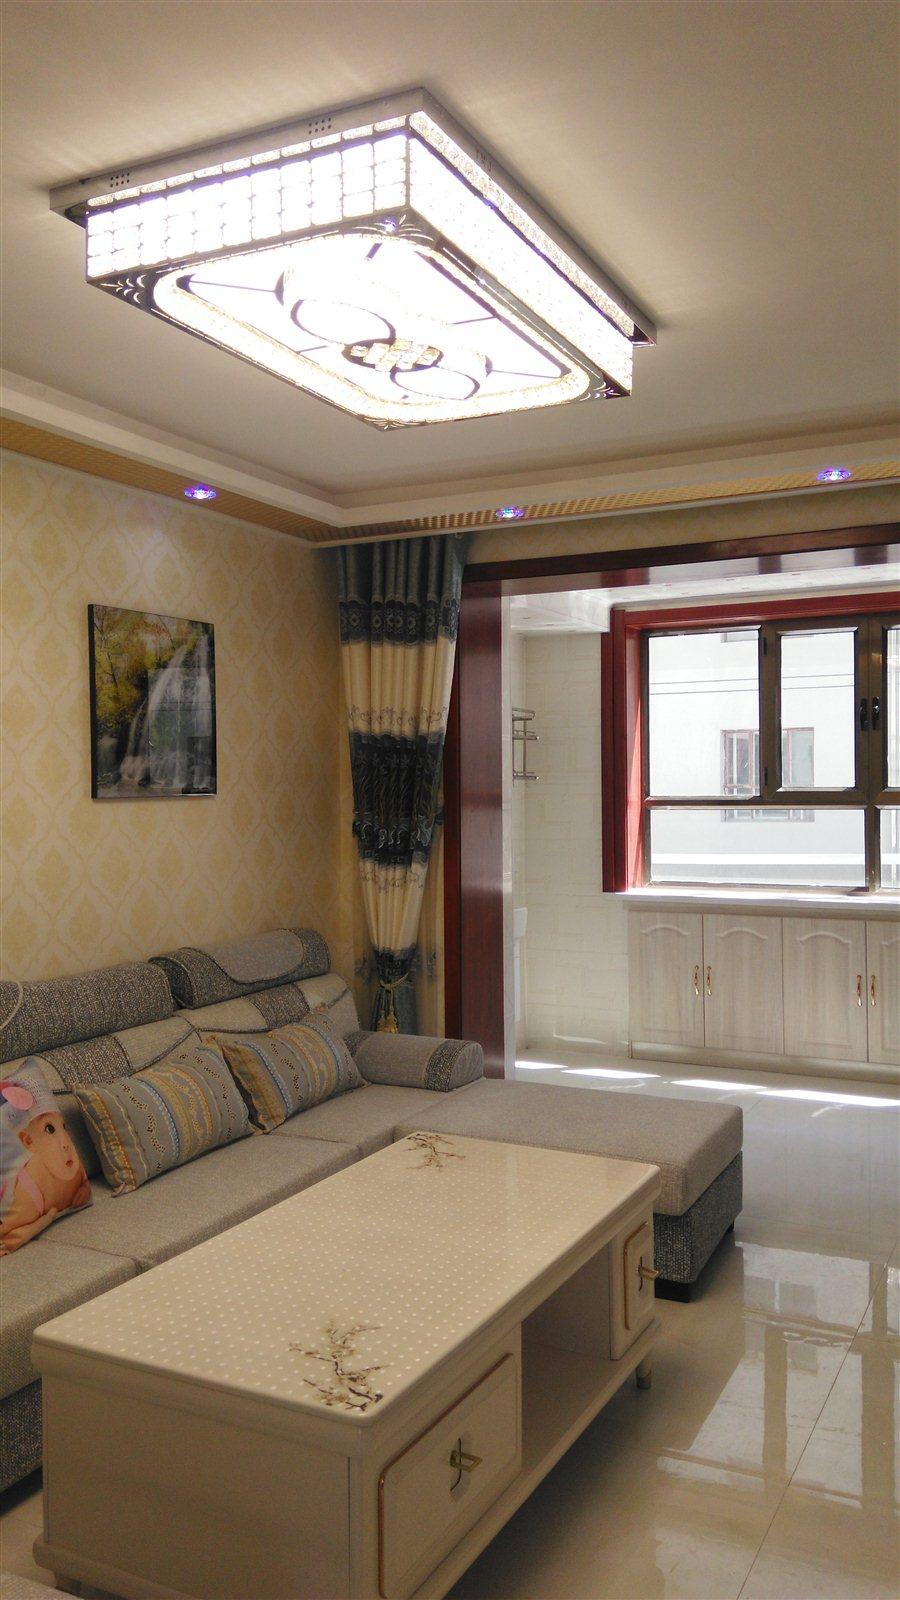 专暑街3室 2厅 1卫47.8万元